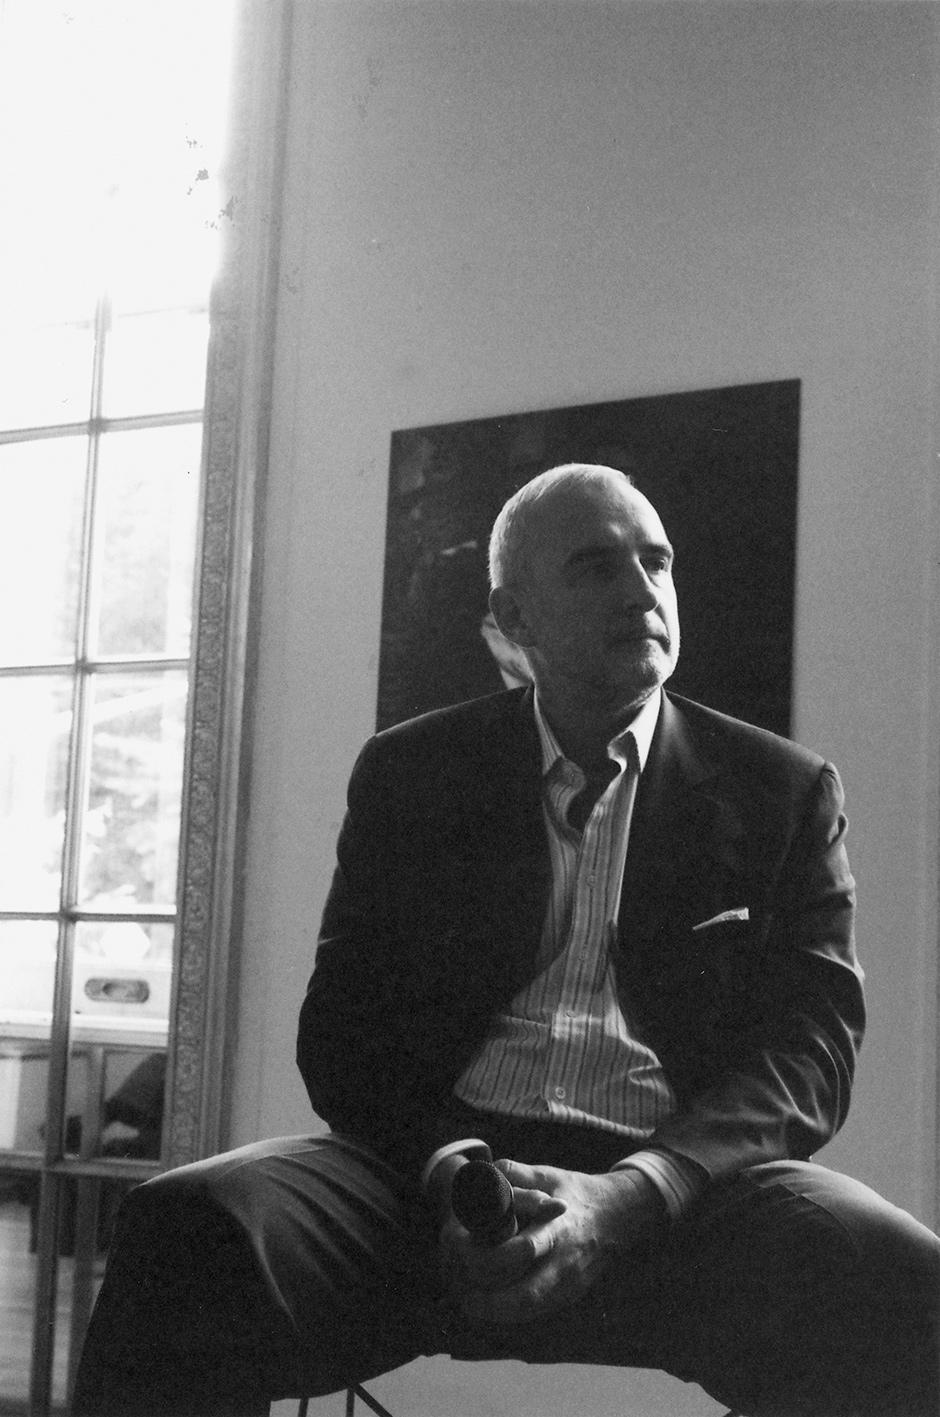 Roger Cohen, New York City, 2009